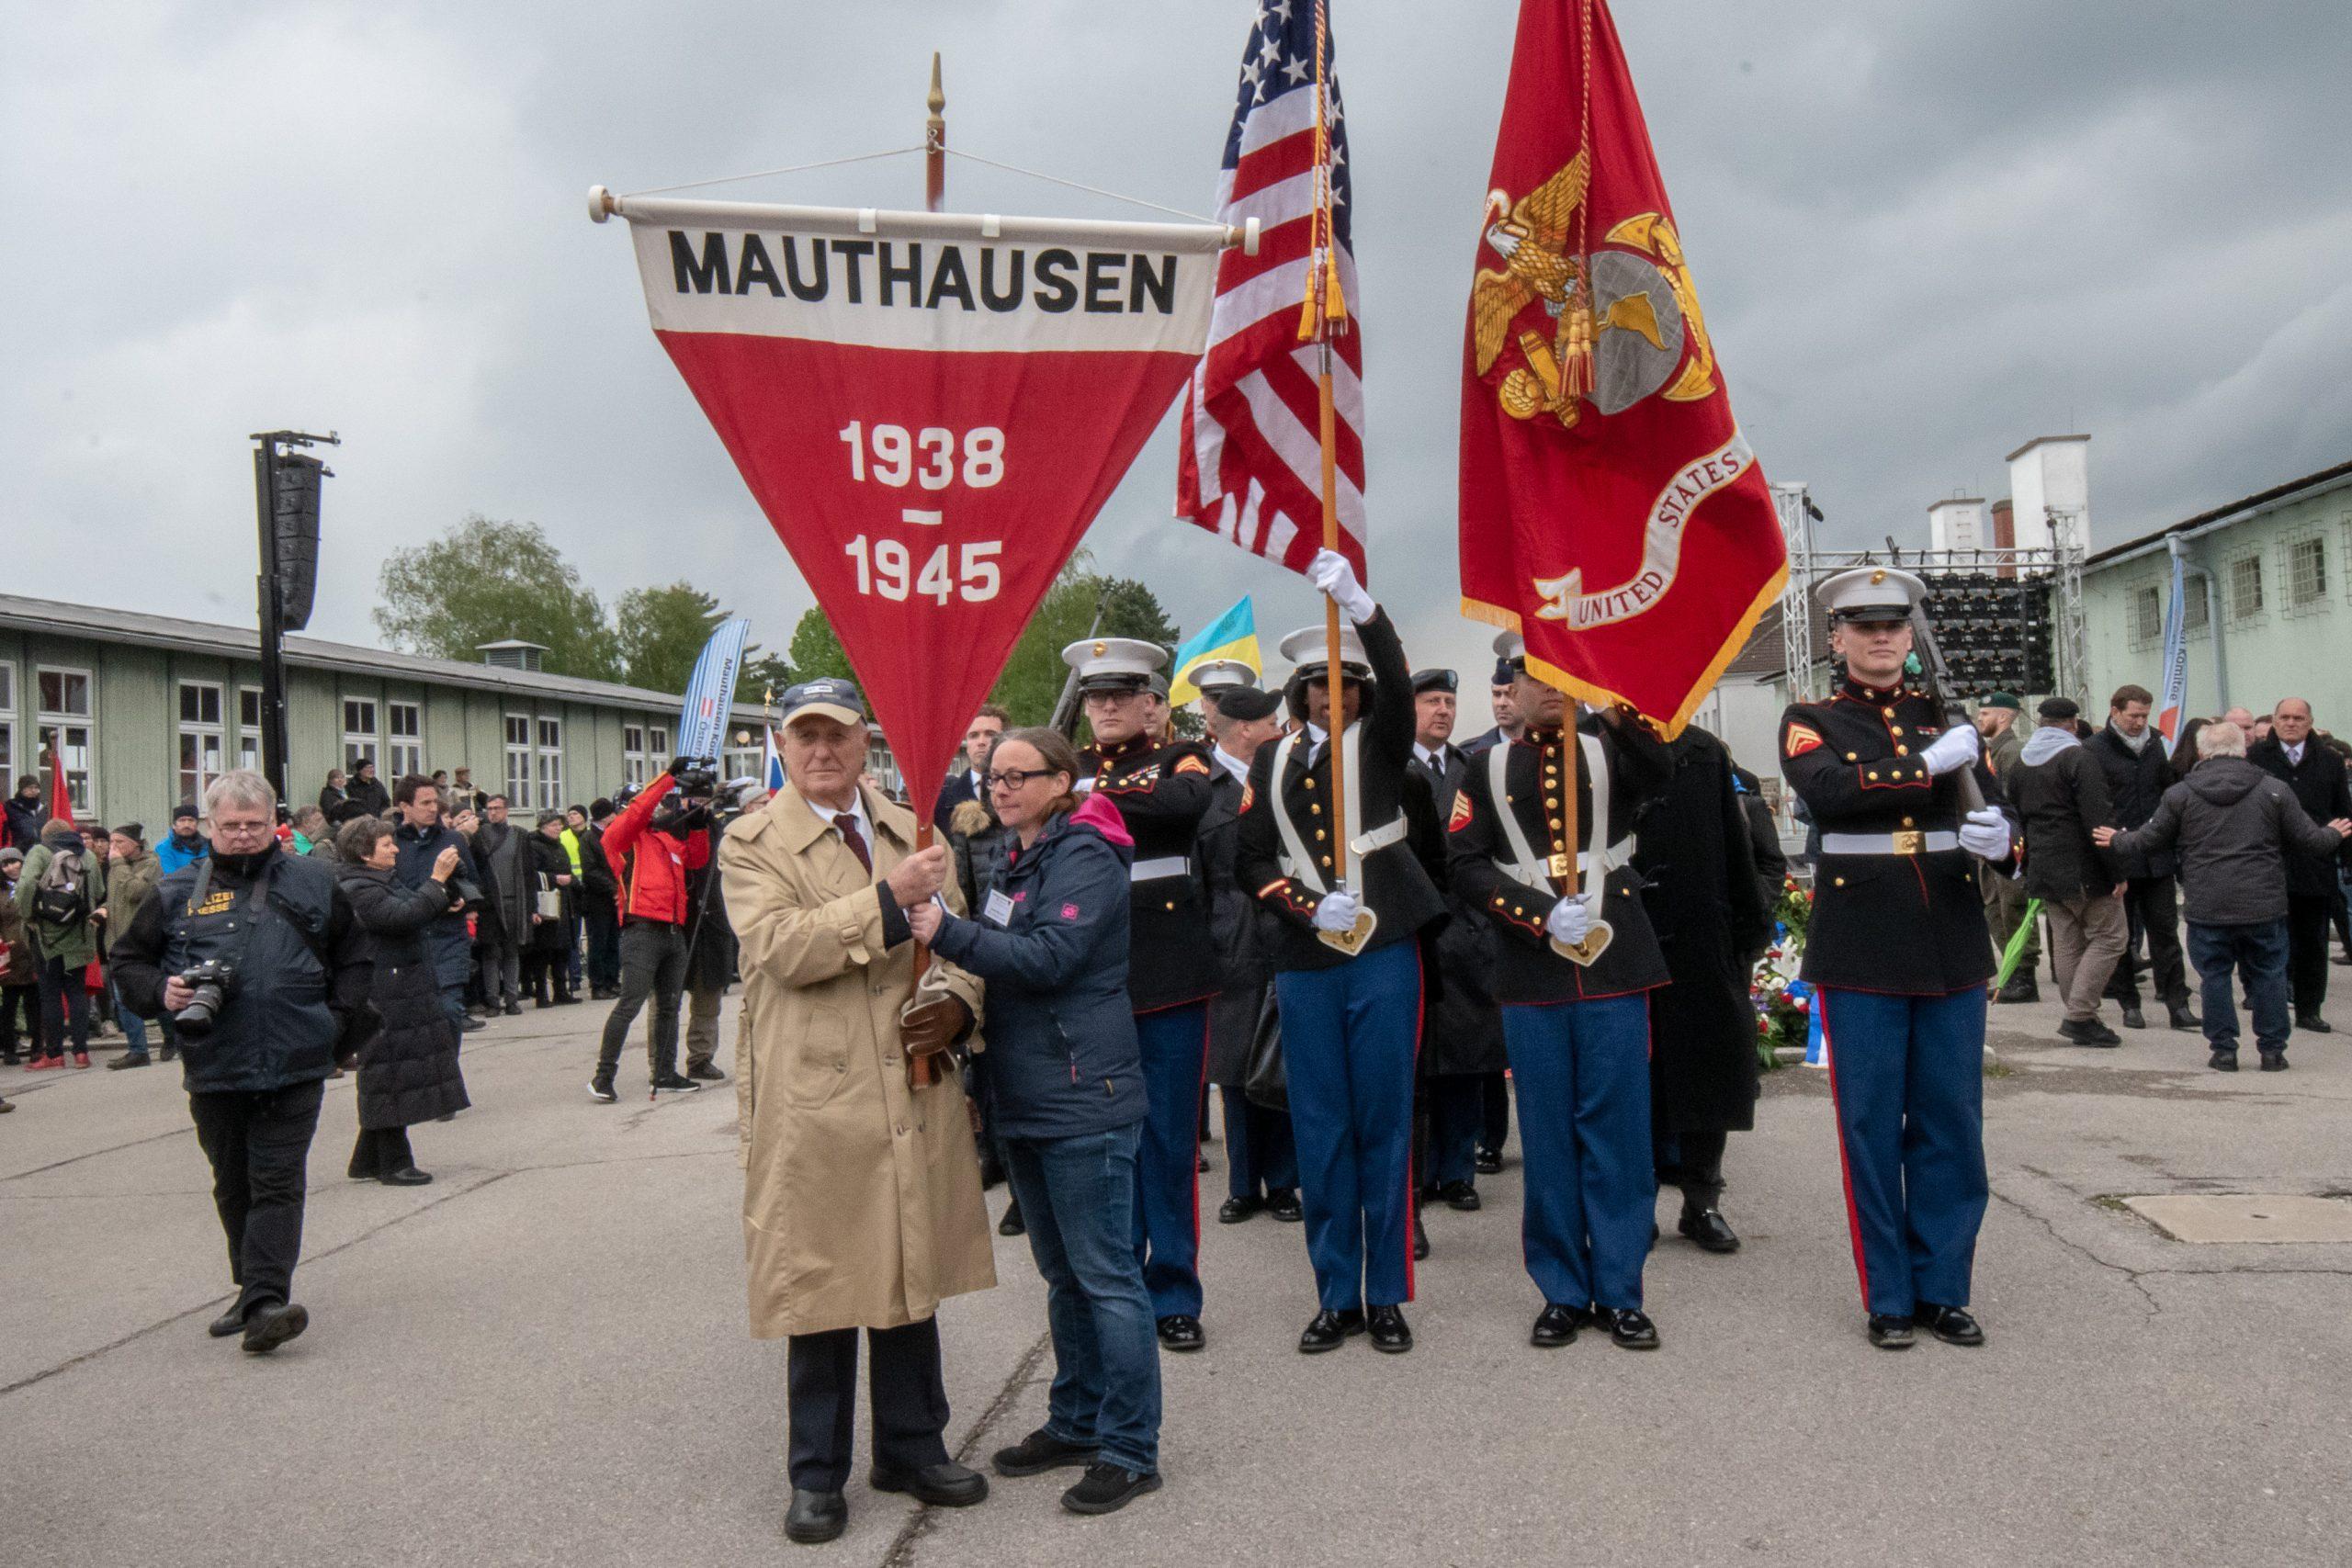 Überlebende Tragen die Fahne des KZ-Mauthausen gefolgt von US Marines und tausenden von Menschen beim Auszug aus der KZ-Gedenkstätte Mauthausen.